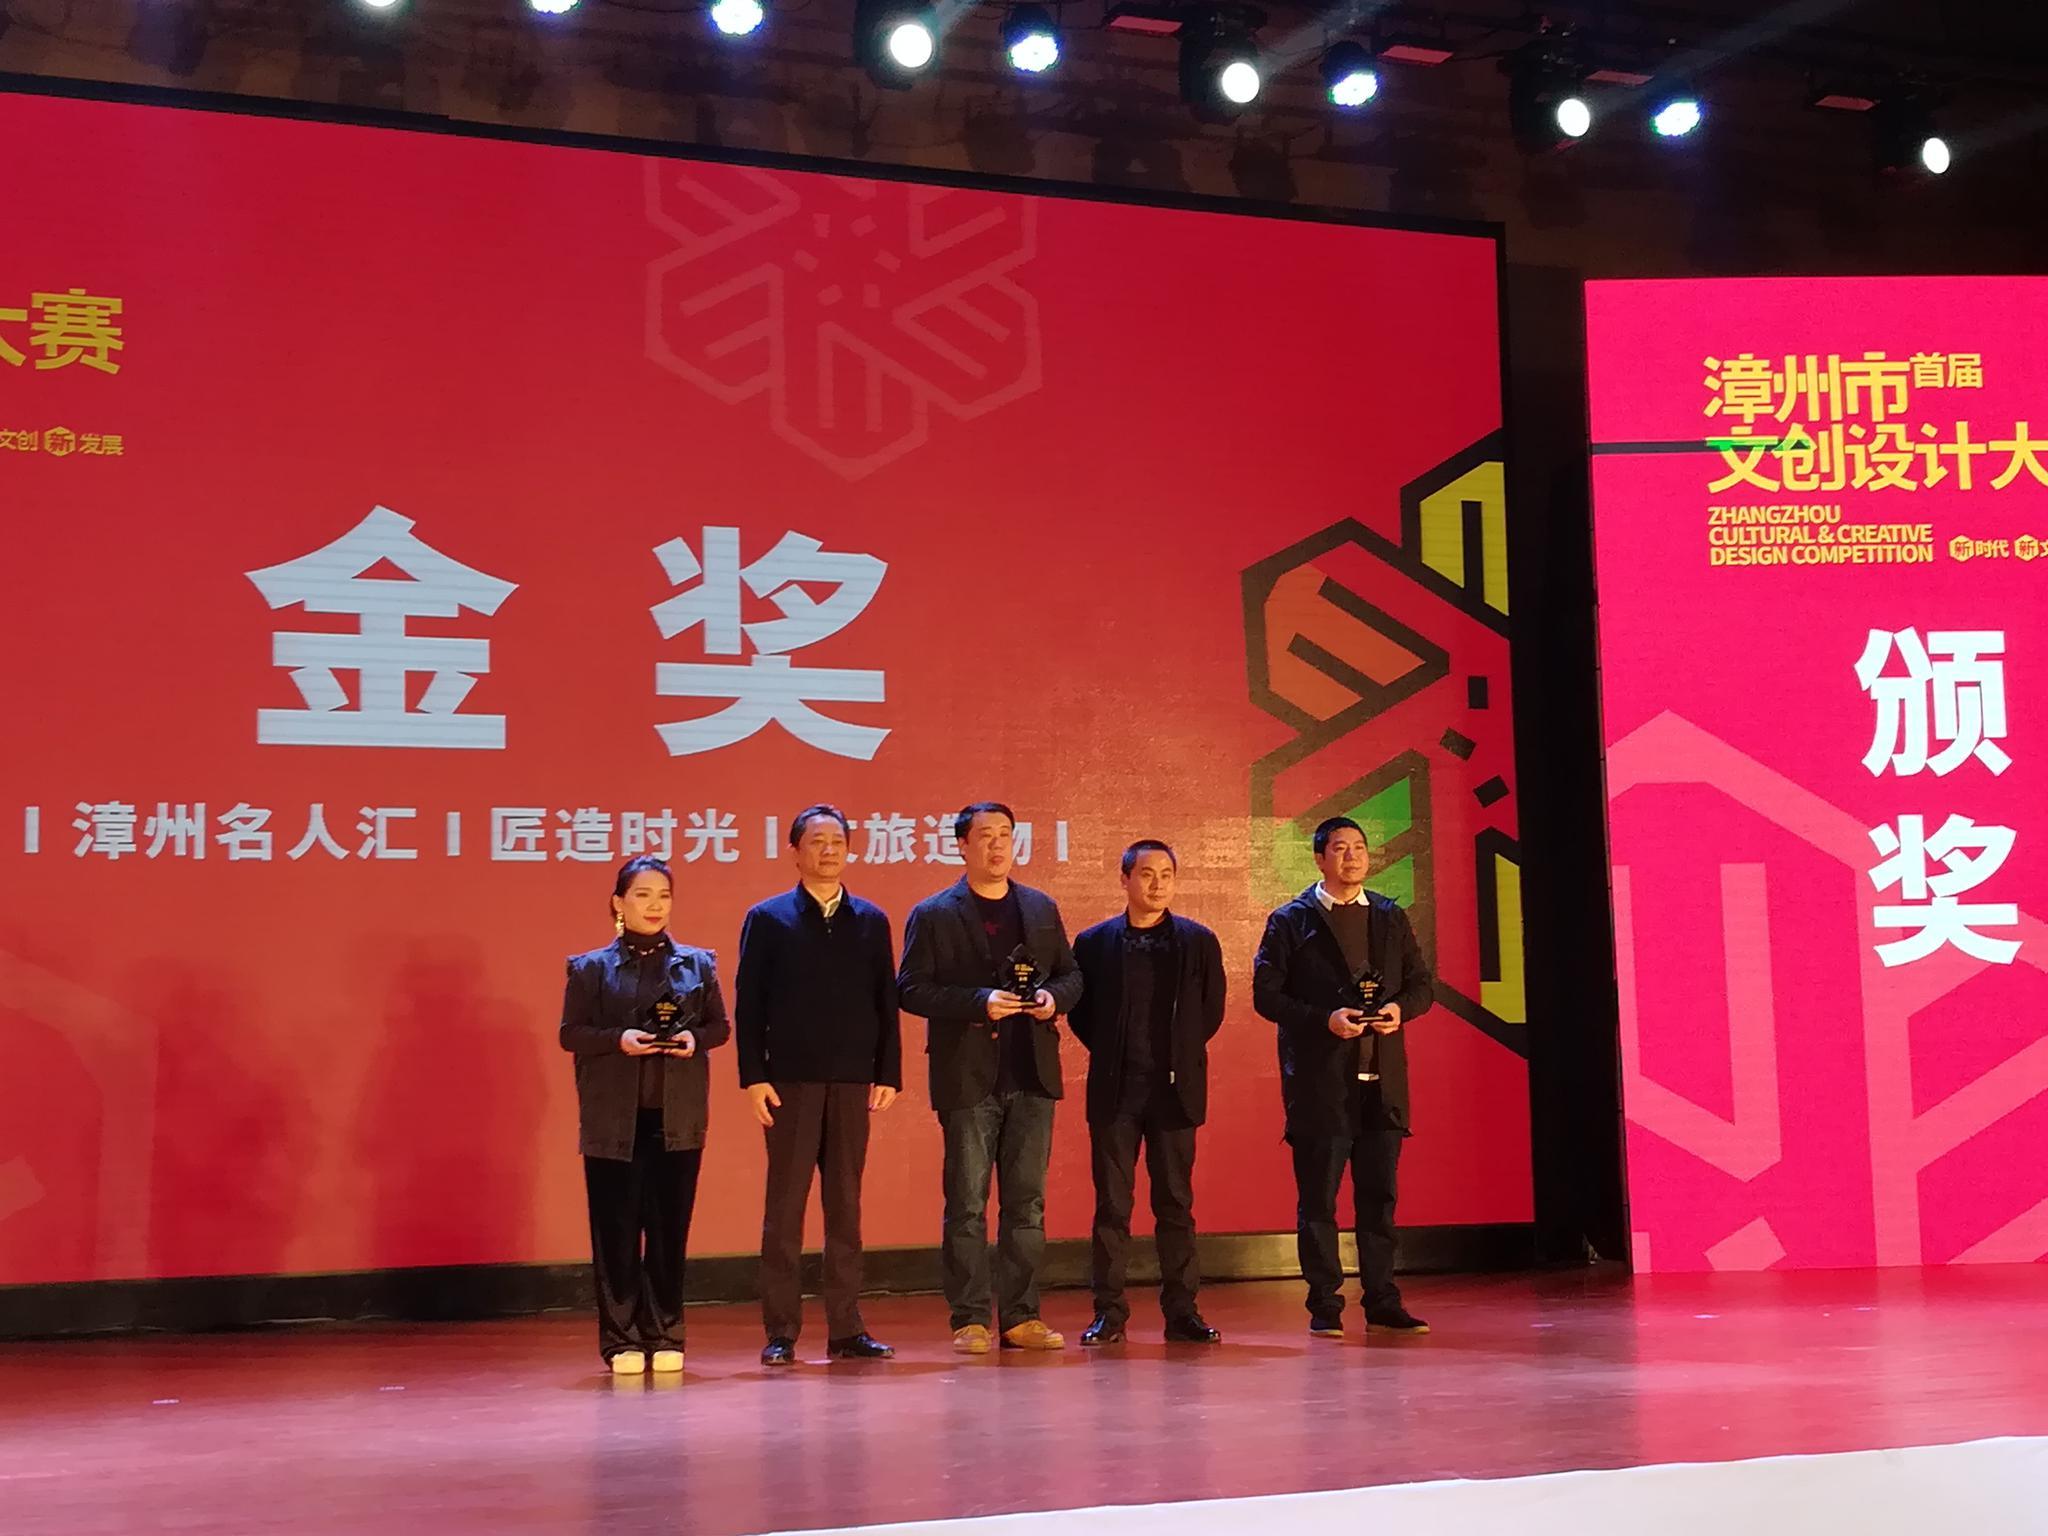 漳州市首届文创设计大赛颁奖典礼举行